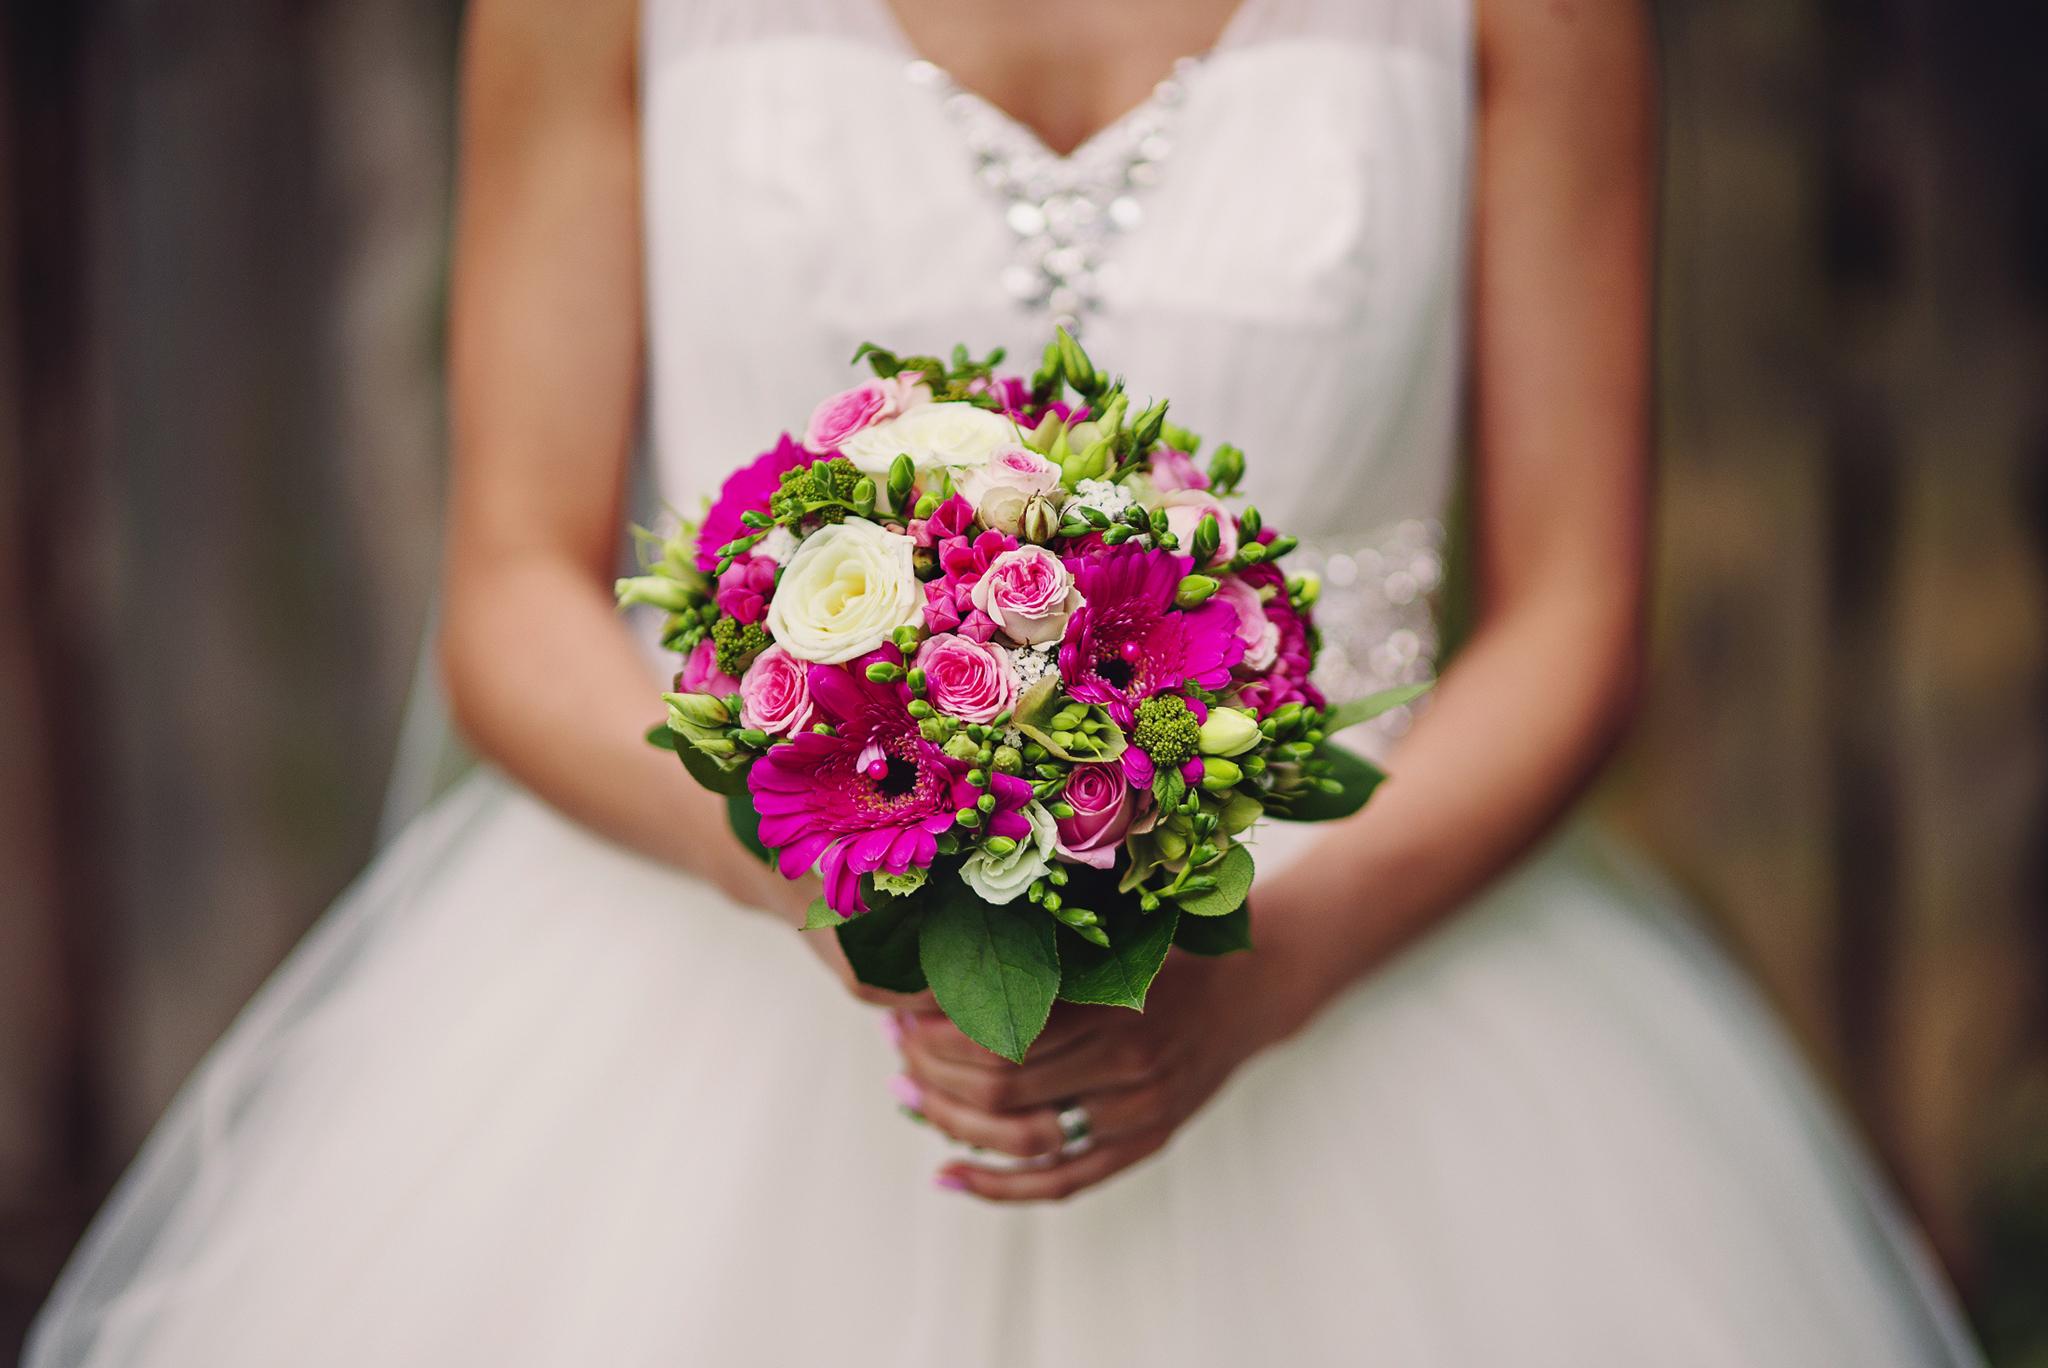 nevesta, šaty, kytica, bukréta, kvety, wedding dress, Bratislava, Trenčín, Žilina, Liptov, fotograf, kameraman, svadobné video, romantika